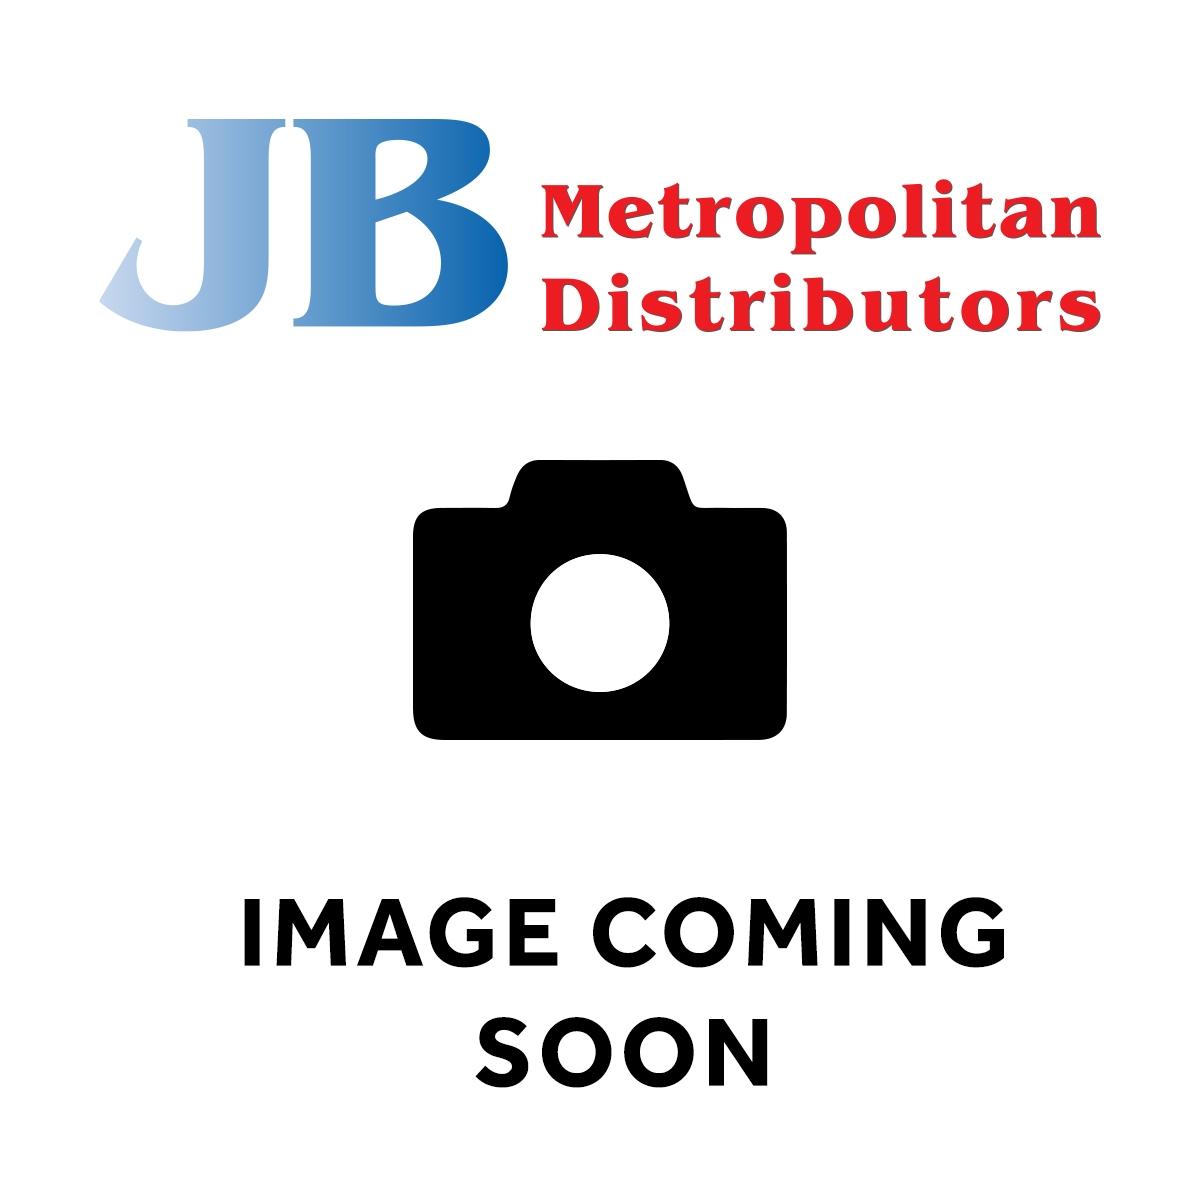 SAMS VITAMIN JUICE PINEAPPLE 375ML